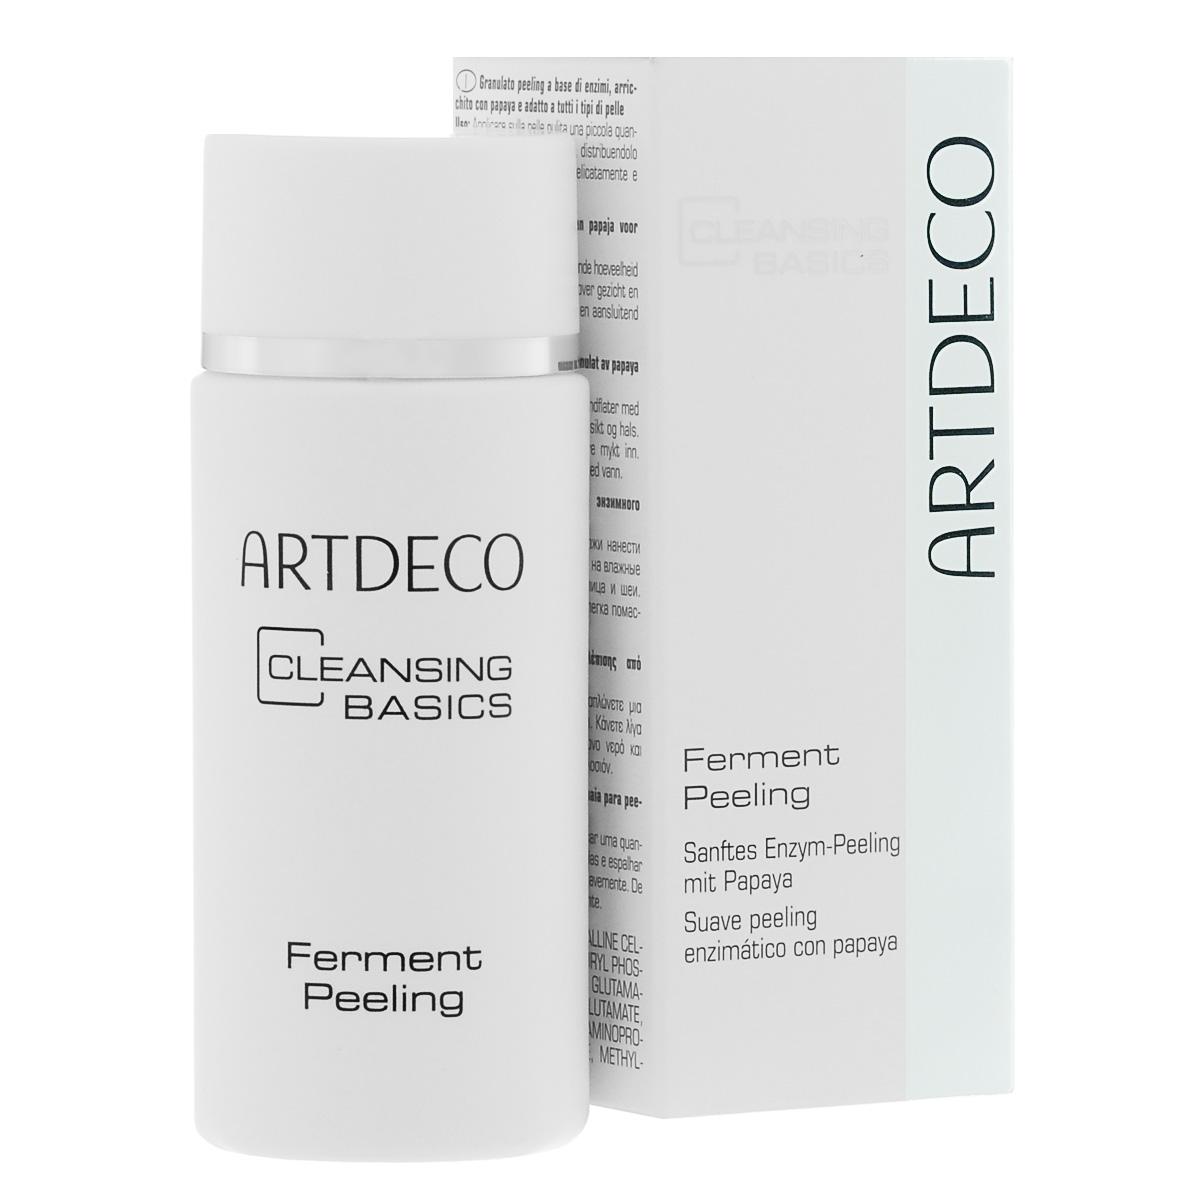 ARTDECO Ферментный пилинг Pure Minerals Ferment Peeling, 30 гFS-00897Нежная пена для пилинга мягко удаляет отмершие частицы кожи и придает коже свежесть и гладкость. Пена отлично подходит для ухода за кожей, склонной к акне и покраснениям, так как не содержит отшелушивающих гранул. Продукт очень экономичен в использовании. Подходит для всех типов кожи. Содержит папаин (фермент, полученный из плодов папайи).